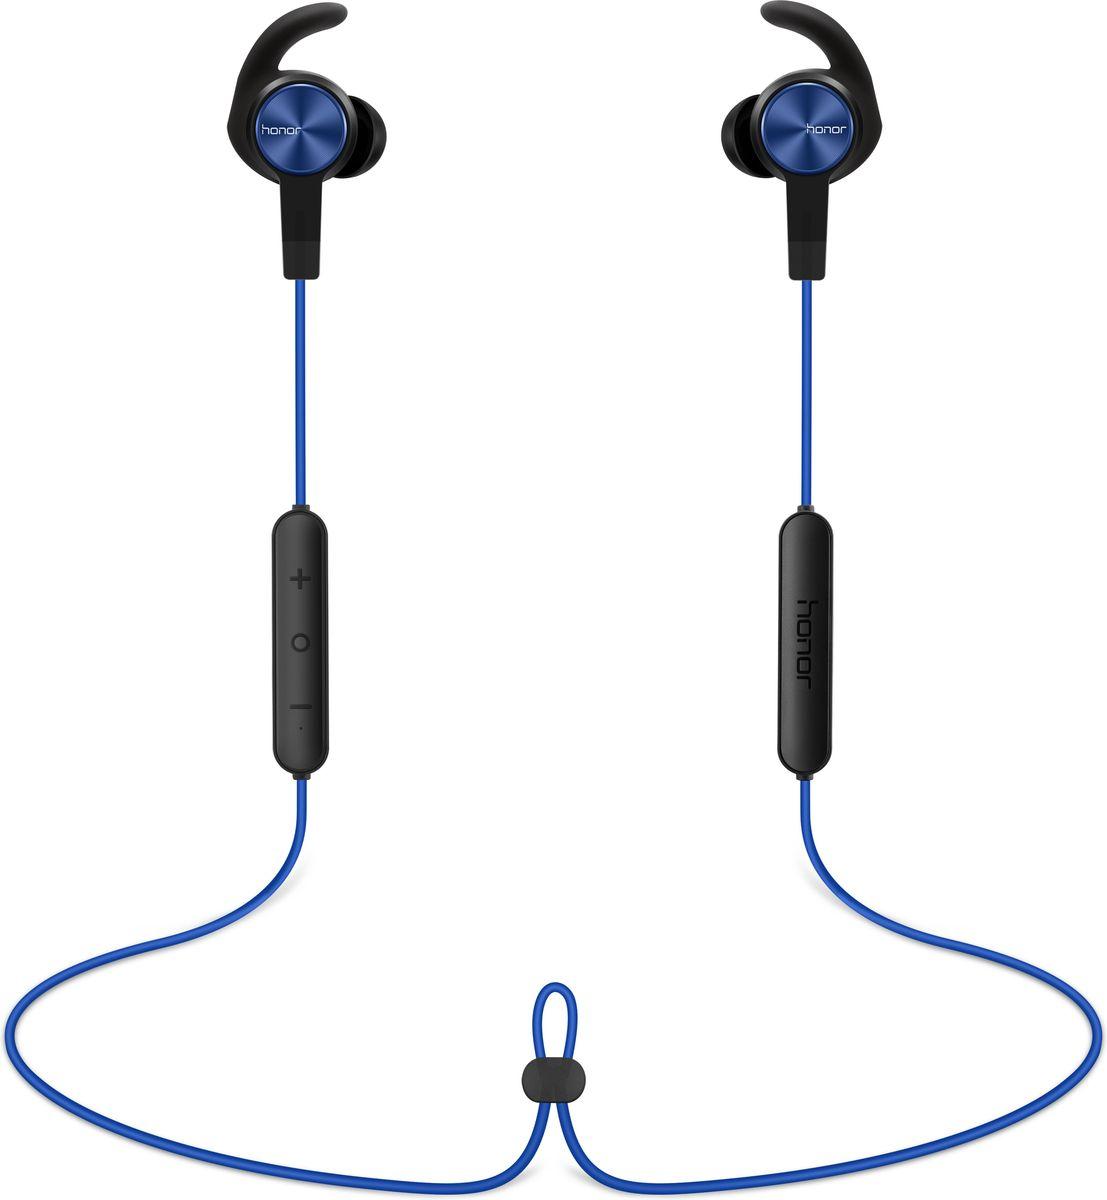 Honor Sport AM61, Blue Bluetooth-гарнитура2452484Спортивные наушники-затычки Huawei Honor AM61подключаются к смартфону или совместимому плееру по Bluetooth и обеспечивают высокое качество звука. Благодаря продуманной конструкции они хорошо держатся в ушах, даже когда владелец бегает или выполняет упражнения. Эта модель оборудована микрофоном, позволяющим отвечать на звонки, поэтому во время тренировки хозяин наушников всегда будет на связи и не пропустит важный вызов. Гарнитура хорошо сочетается с одеждой в спортивном стиле и вписывается в имидж современного человека, который следит за тем, чтобы быть в хорошей физической форме.